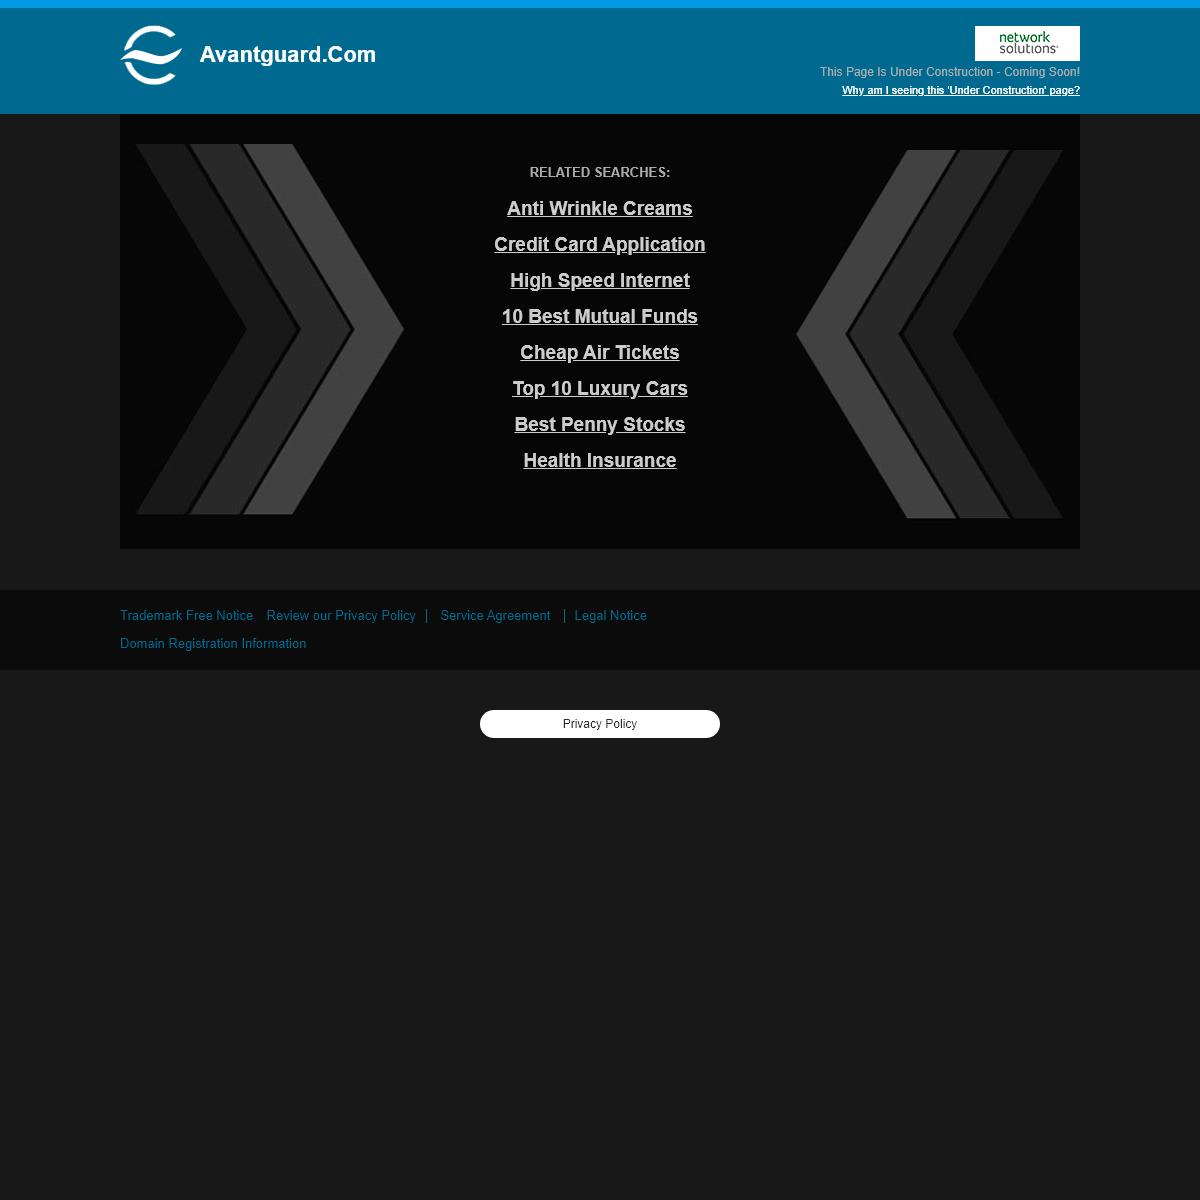 Avantguard.com